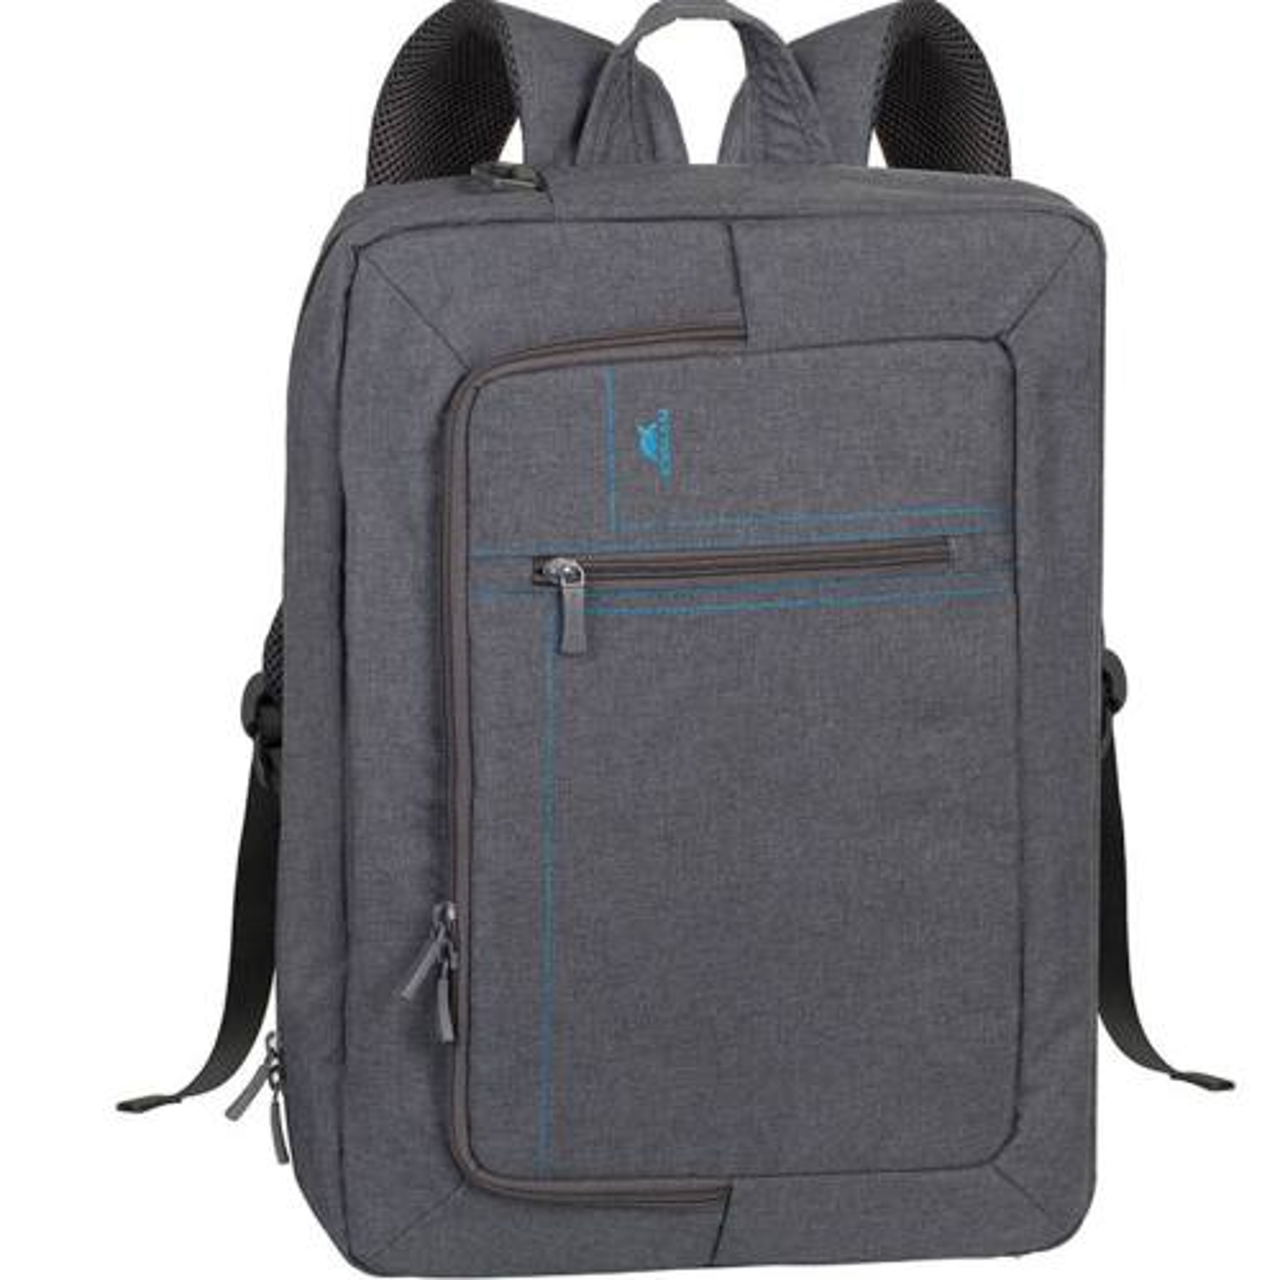 کوله پشتی لپ تاپ ریوا کیس مدل 7590 مناسب برای لپ تاپ 16 اینچی